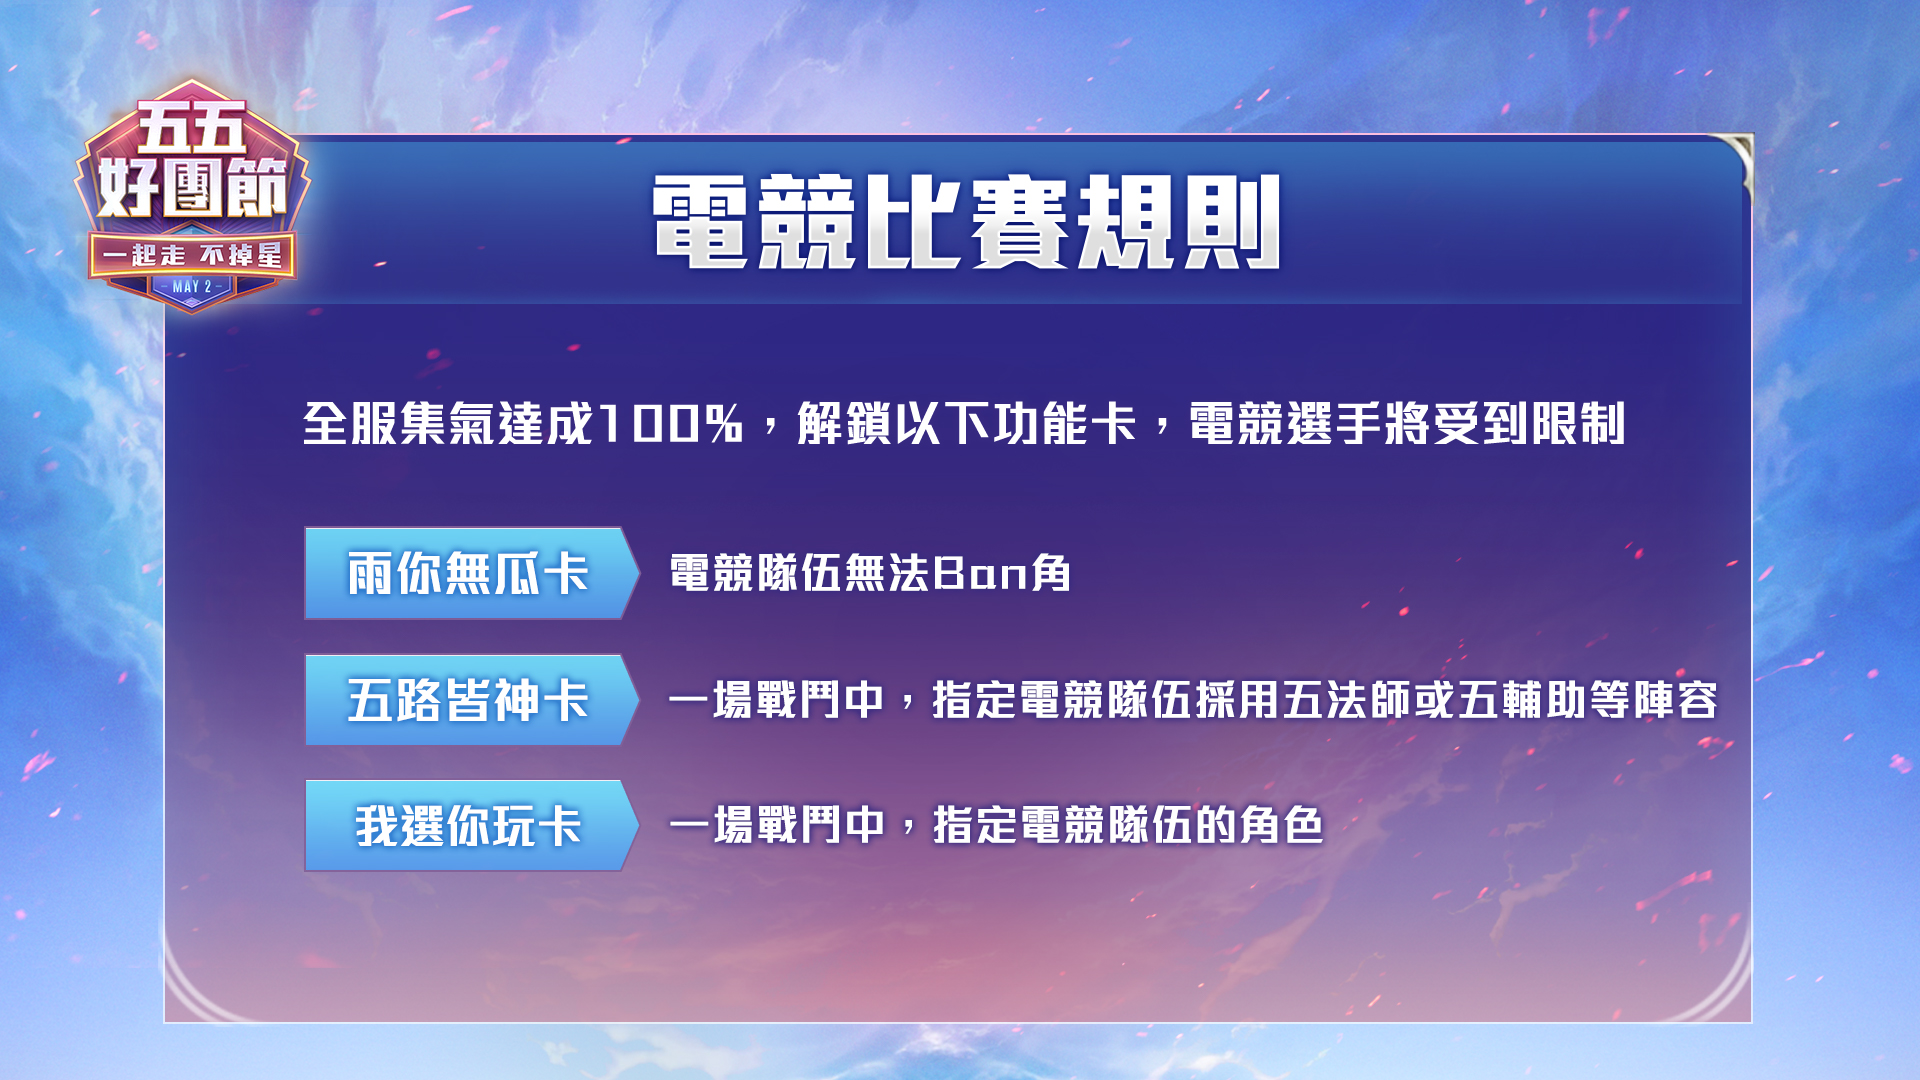 ▲在明星隊粉絲與挑戰者熱烈支持下,全明星隊順利獲得三張特殊功能卡